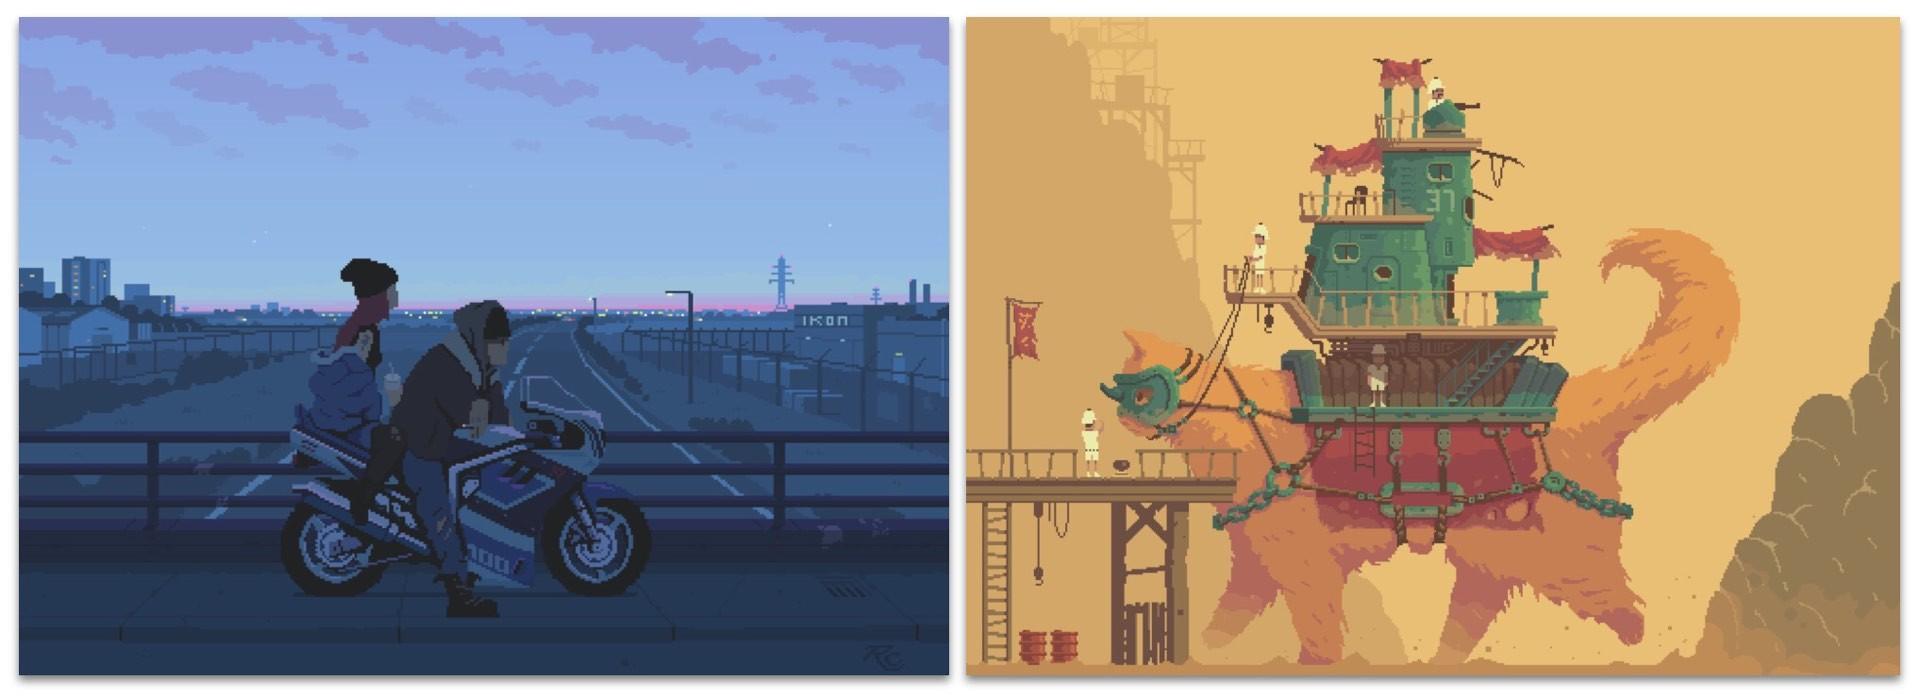 """Artwork: Romain CourtoisDirect links: """"Lovers at Dusk"""" (left) and """"Monster Cat Machine"""" (right)"""